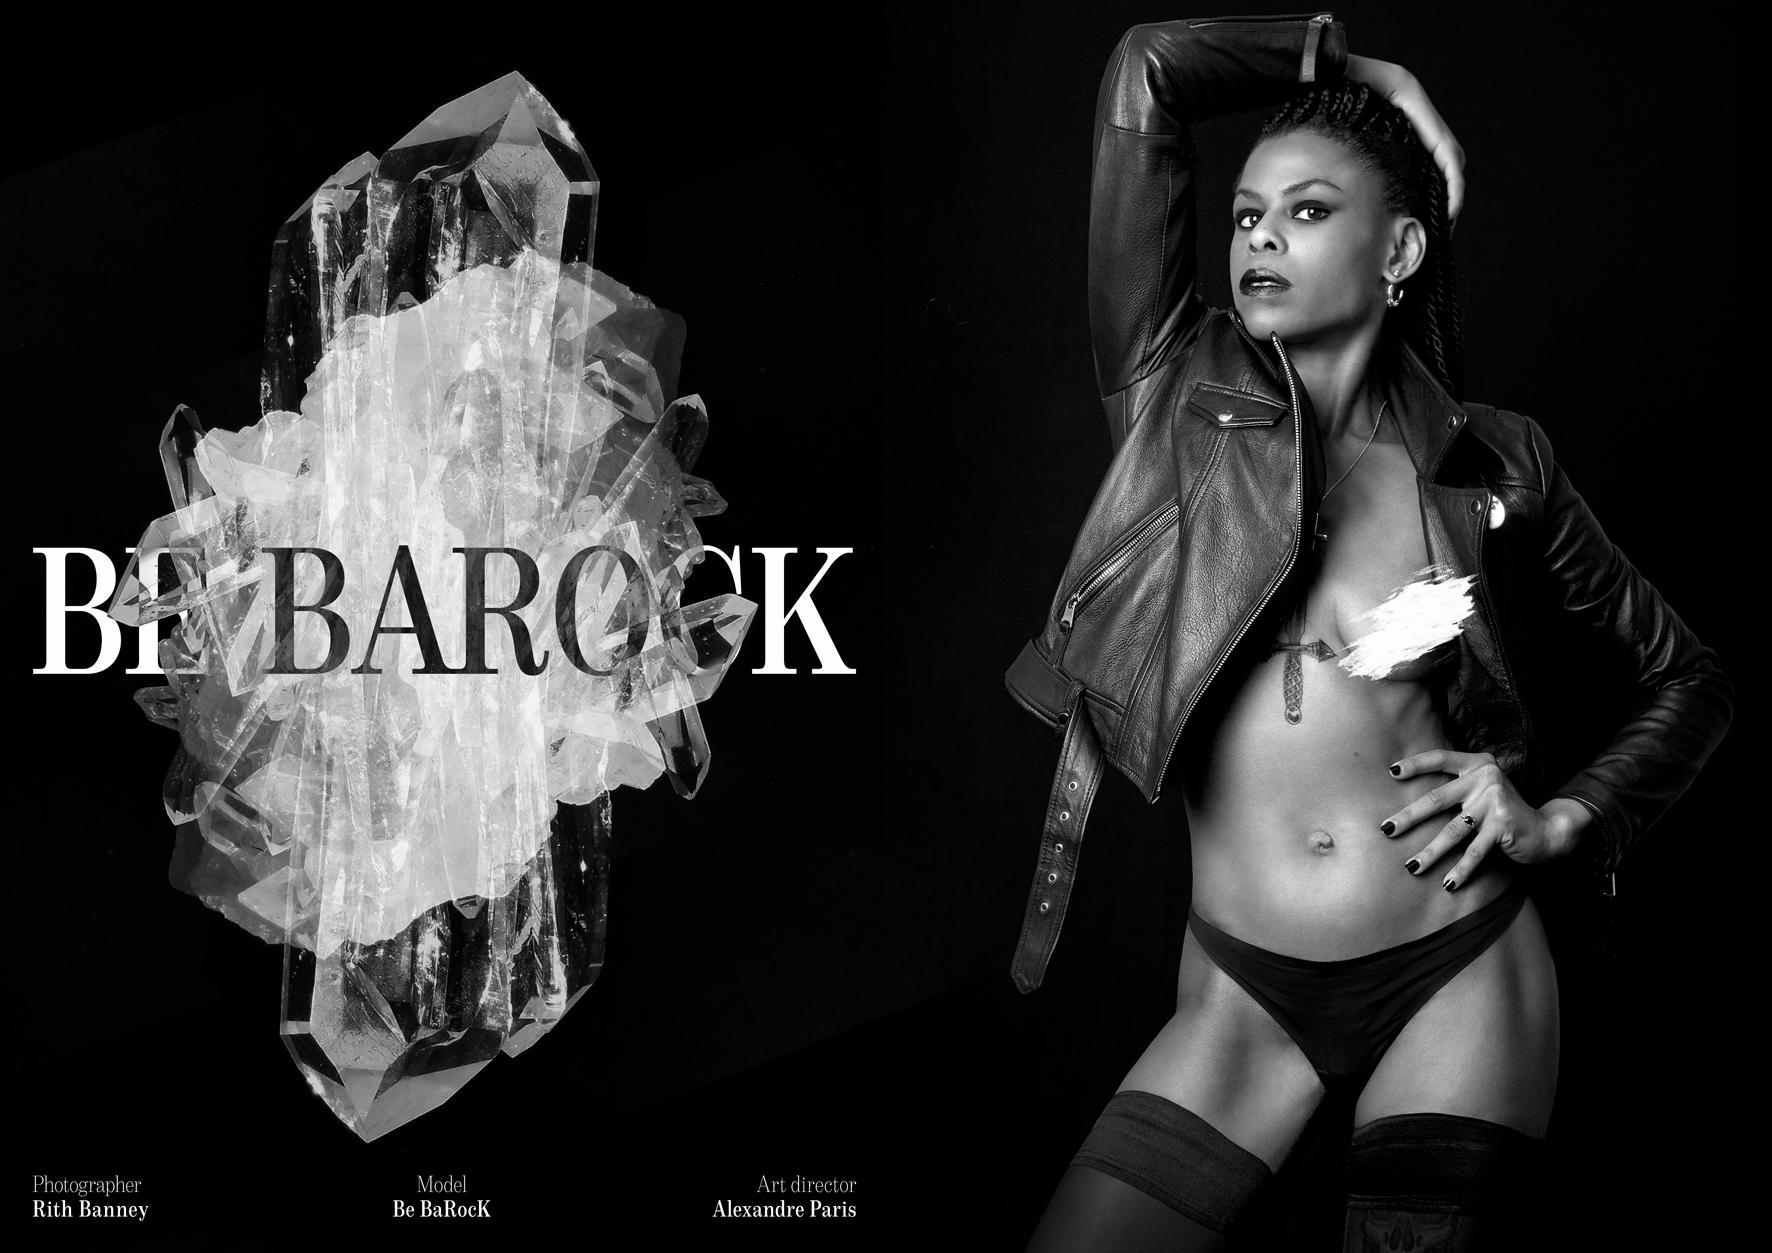 Be Barock Alternative Inked Model